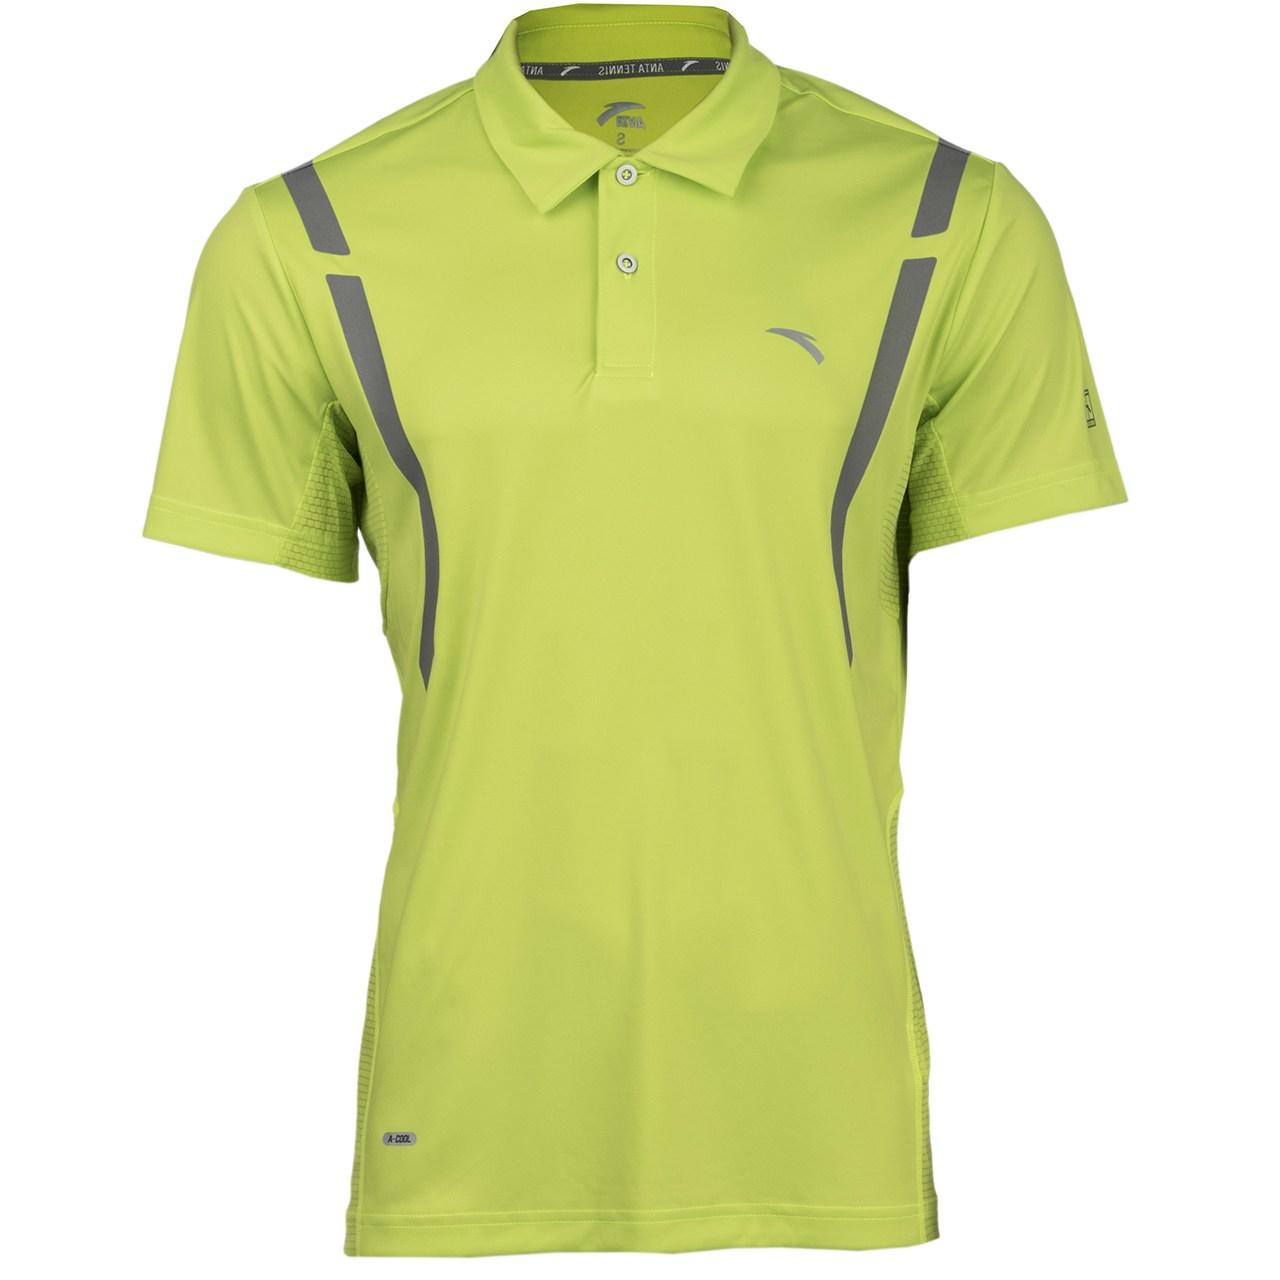 پلو شرت مردانه آنتا مدل 2-85533111 سایز S